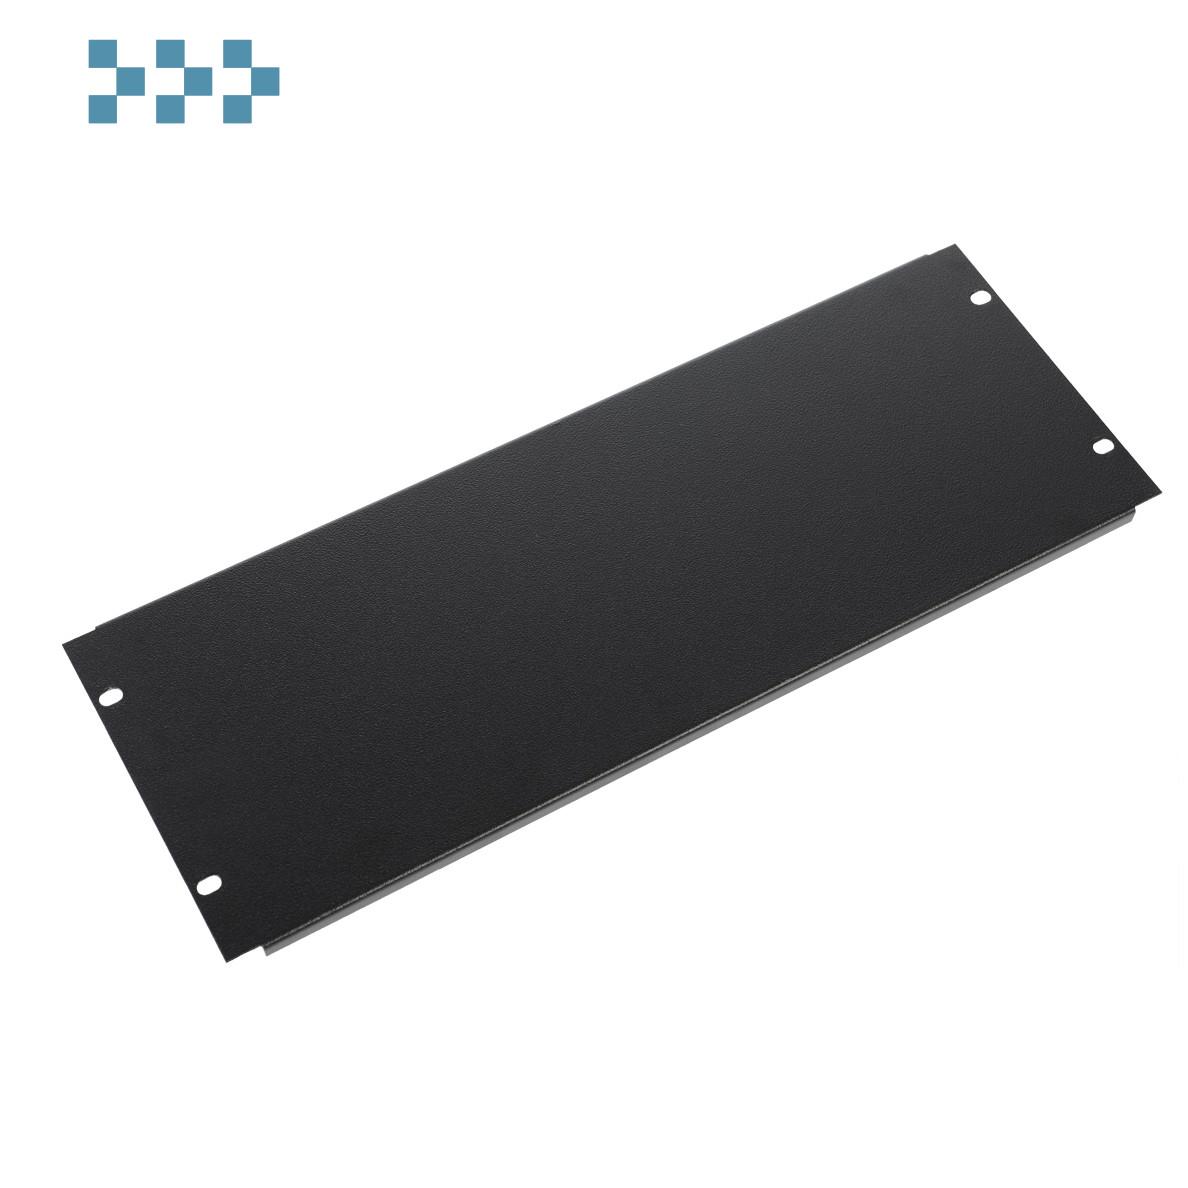 Фальшпанель ЦМО ФП-4-9005